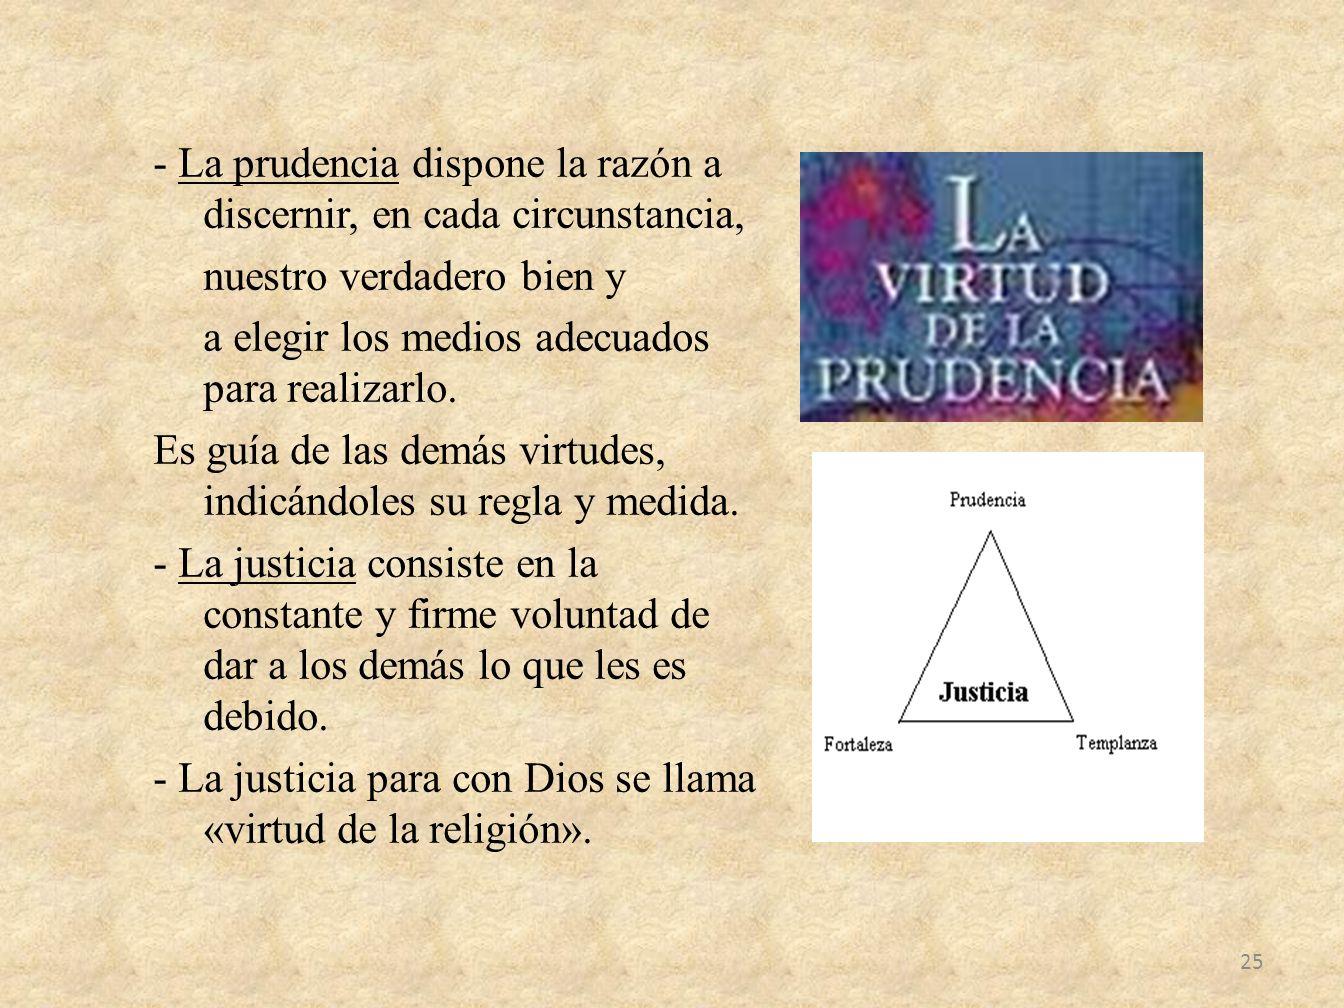 - La prudencia dispone la razón a discernir, en cada circunstancia, nuestro verdadero bien y a elegir los medios adecuados para realizarlo. Es guía de